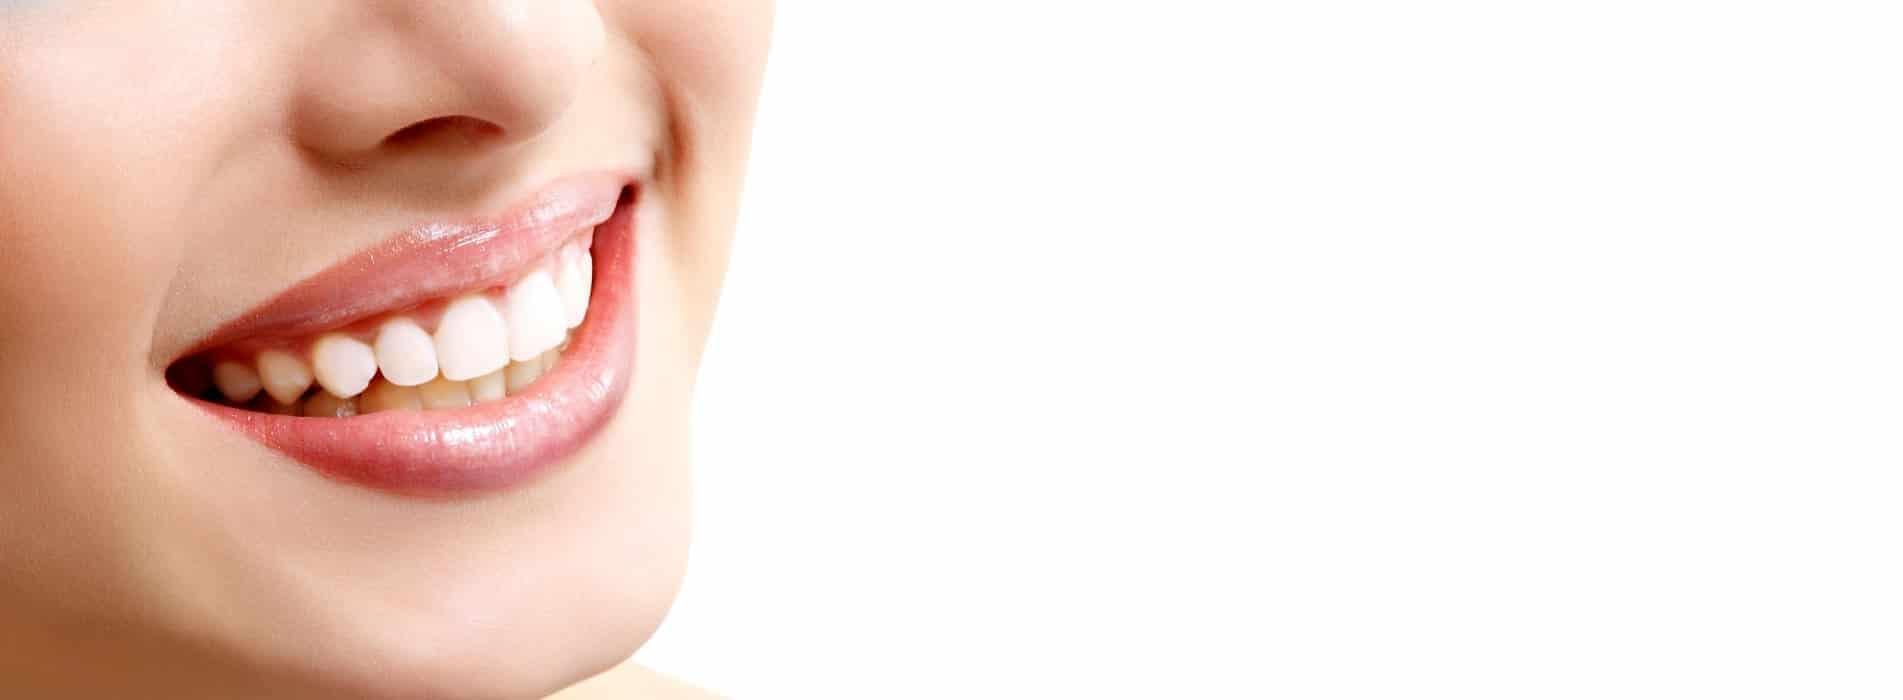 clinica-dentale-pavia-sbiancamento-denti-caprioglio-alberto-claudia